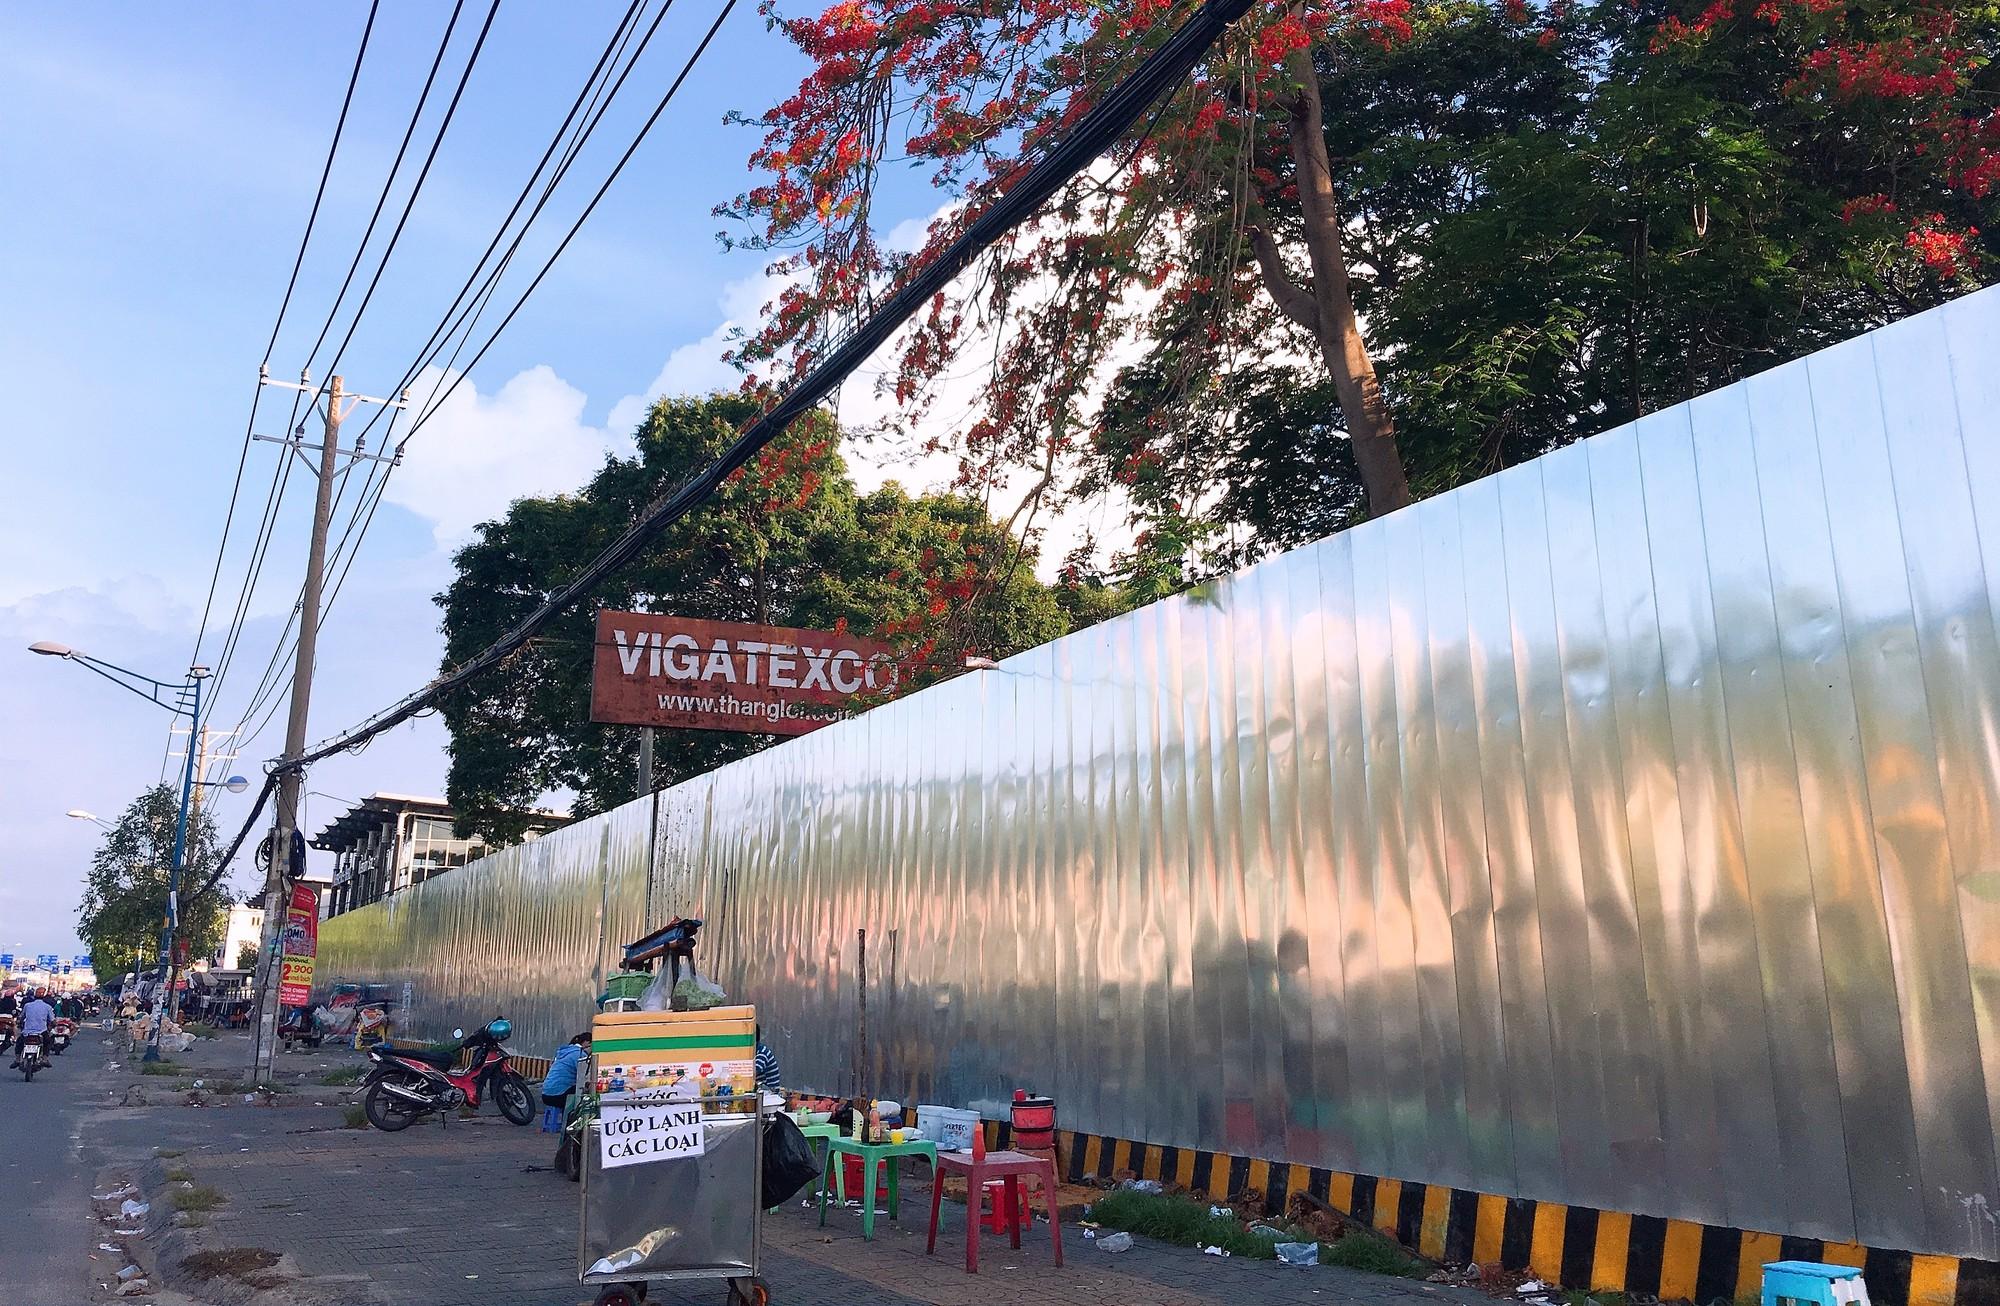 Bí ẩn đại gia địa ốc thâu tóm dự án đất vàng gần 16 hecta của VinaCapital tại Sài Gòn - Ảnh 2.